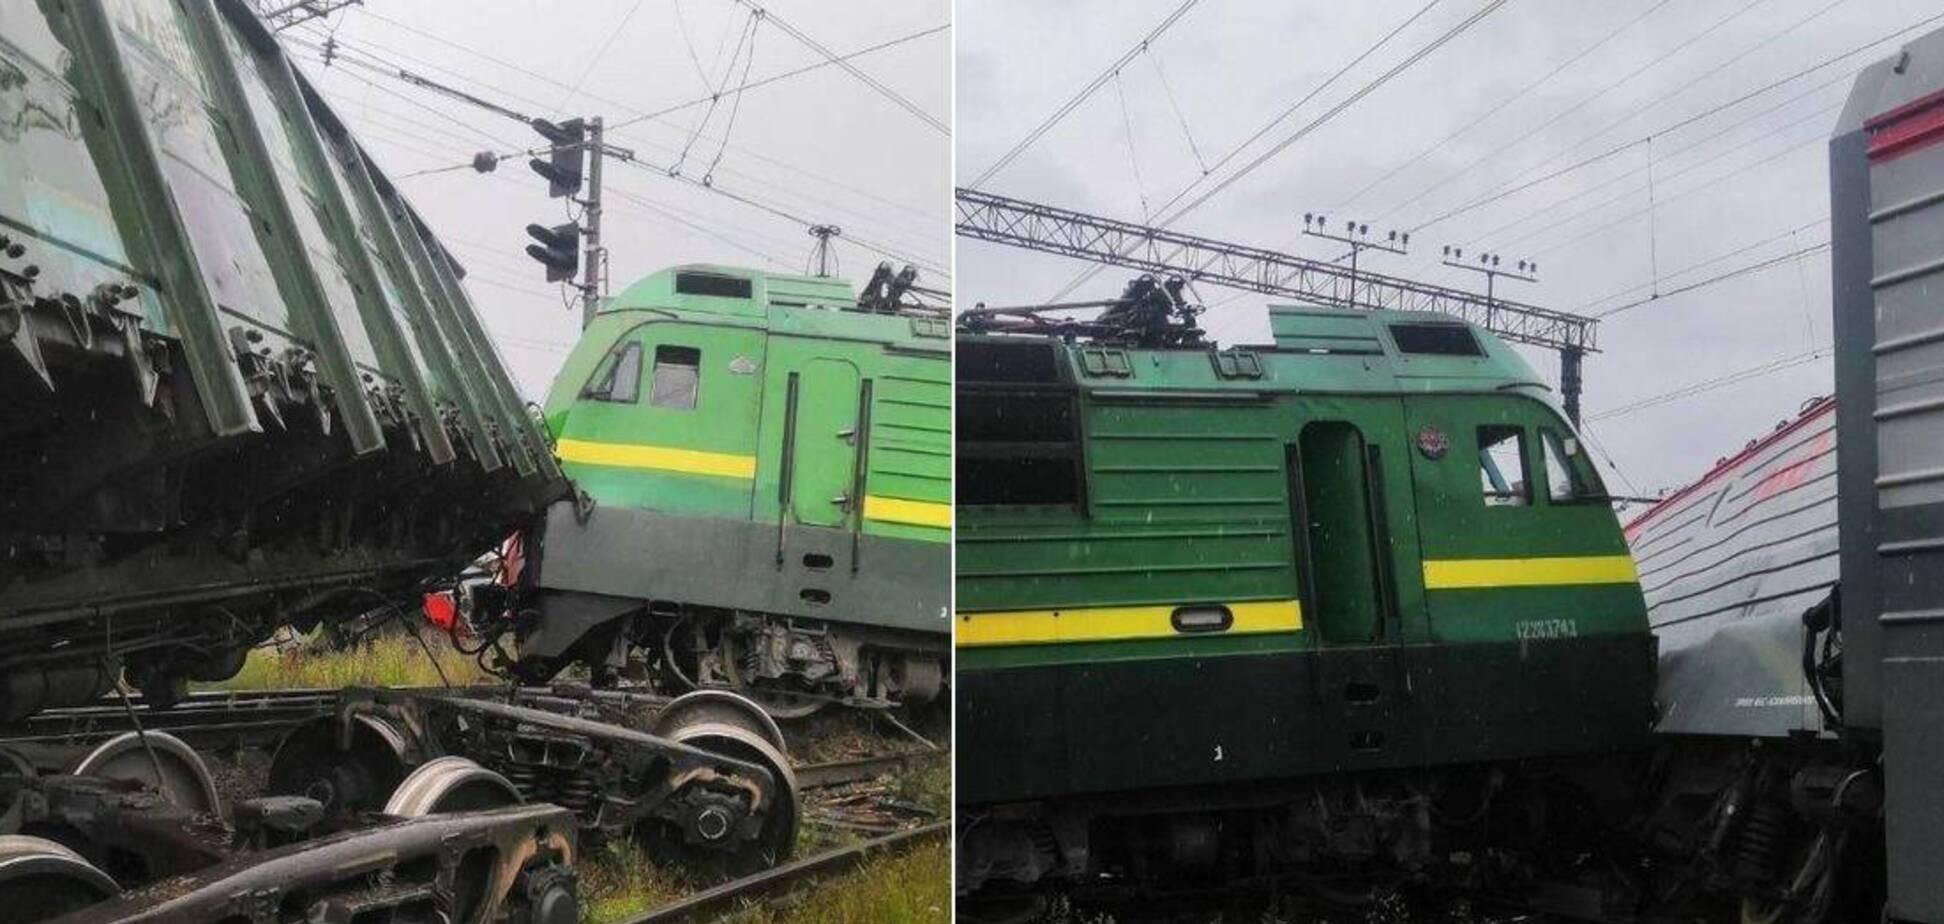 В Санкт-Петербурге столкнулись и сошли с рельсов два товарных поезда. Источник: РИА Новости